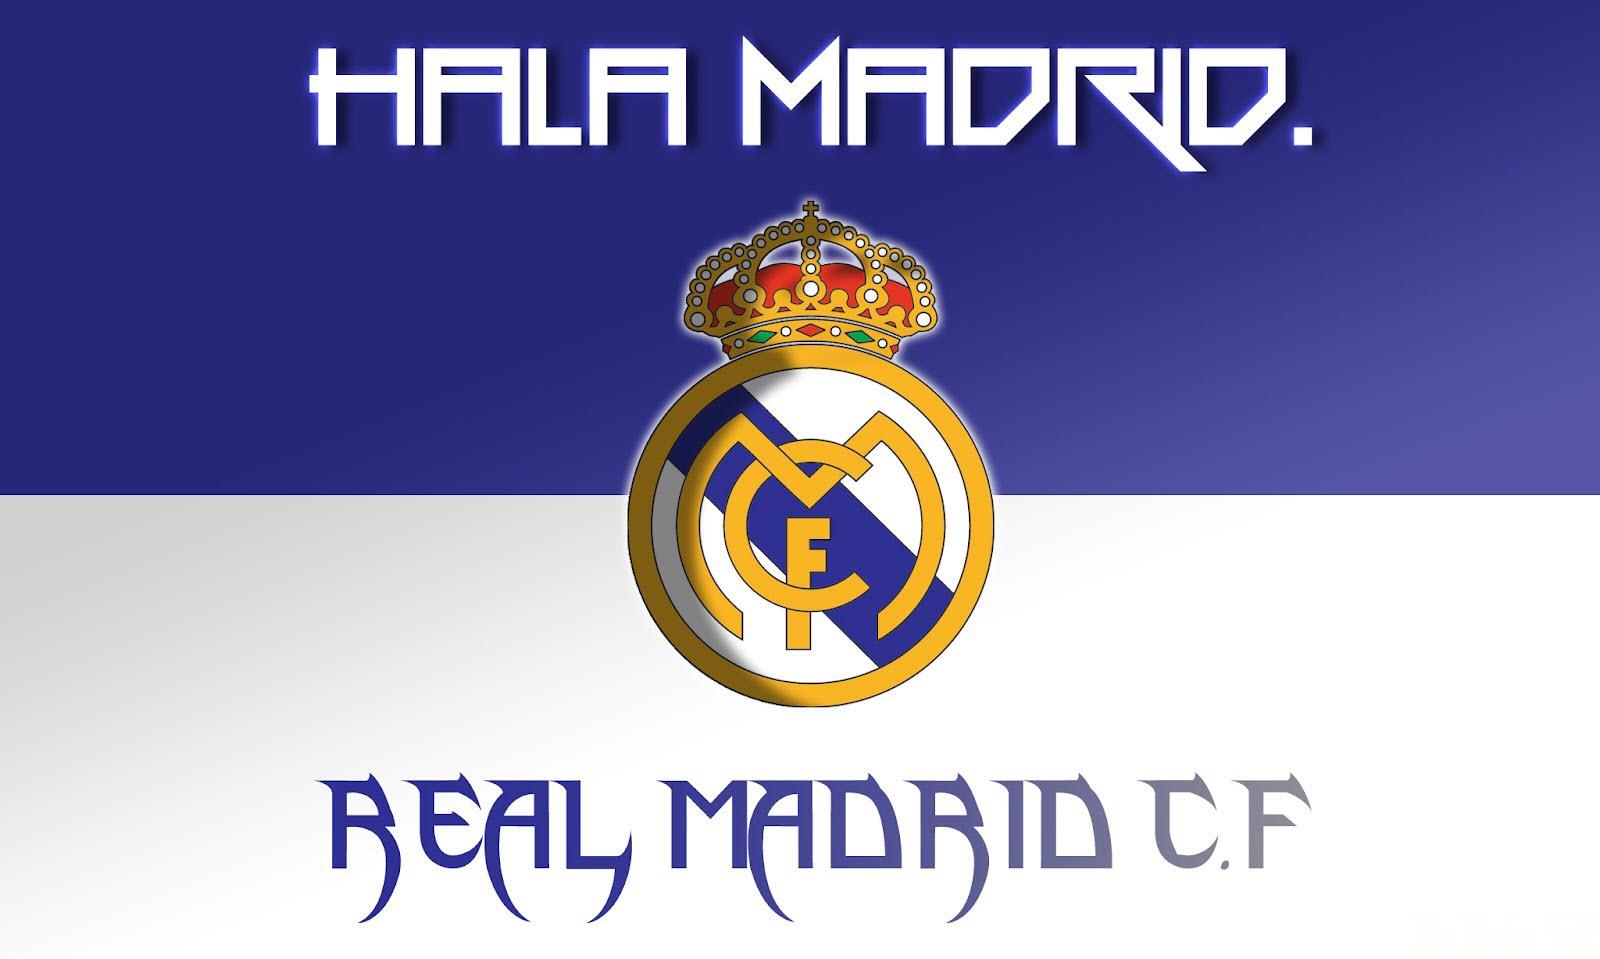 real-madrid-logo-sport-hd-wallpaper-02